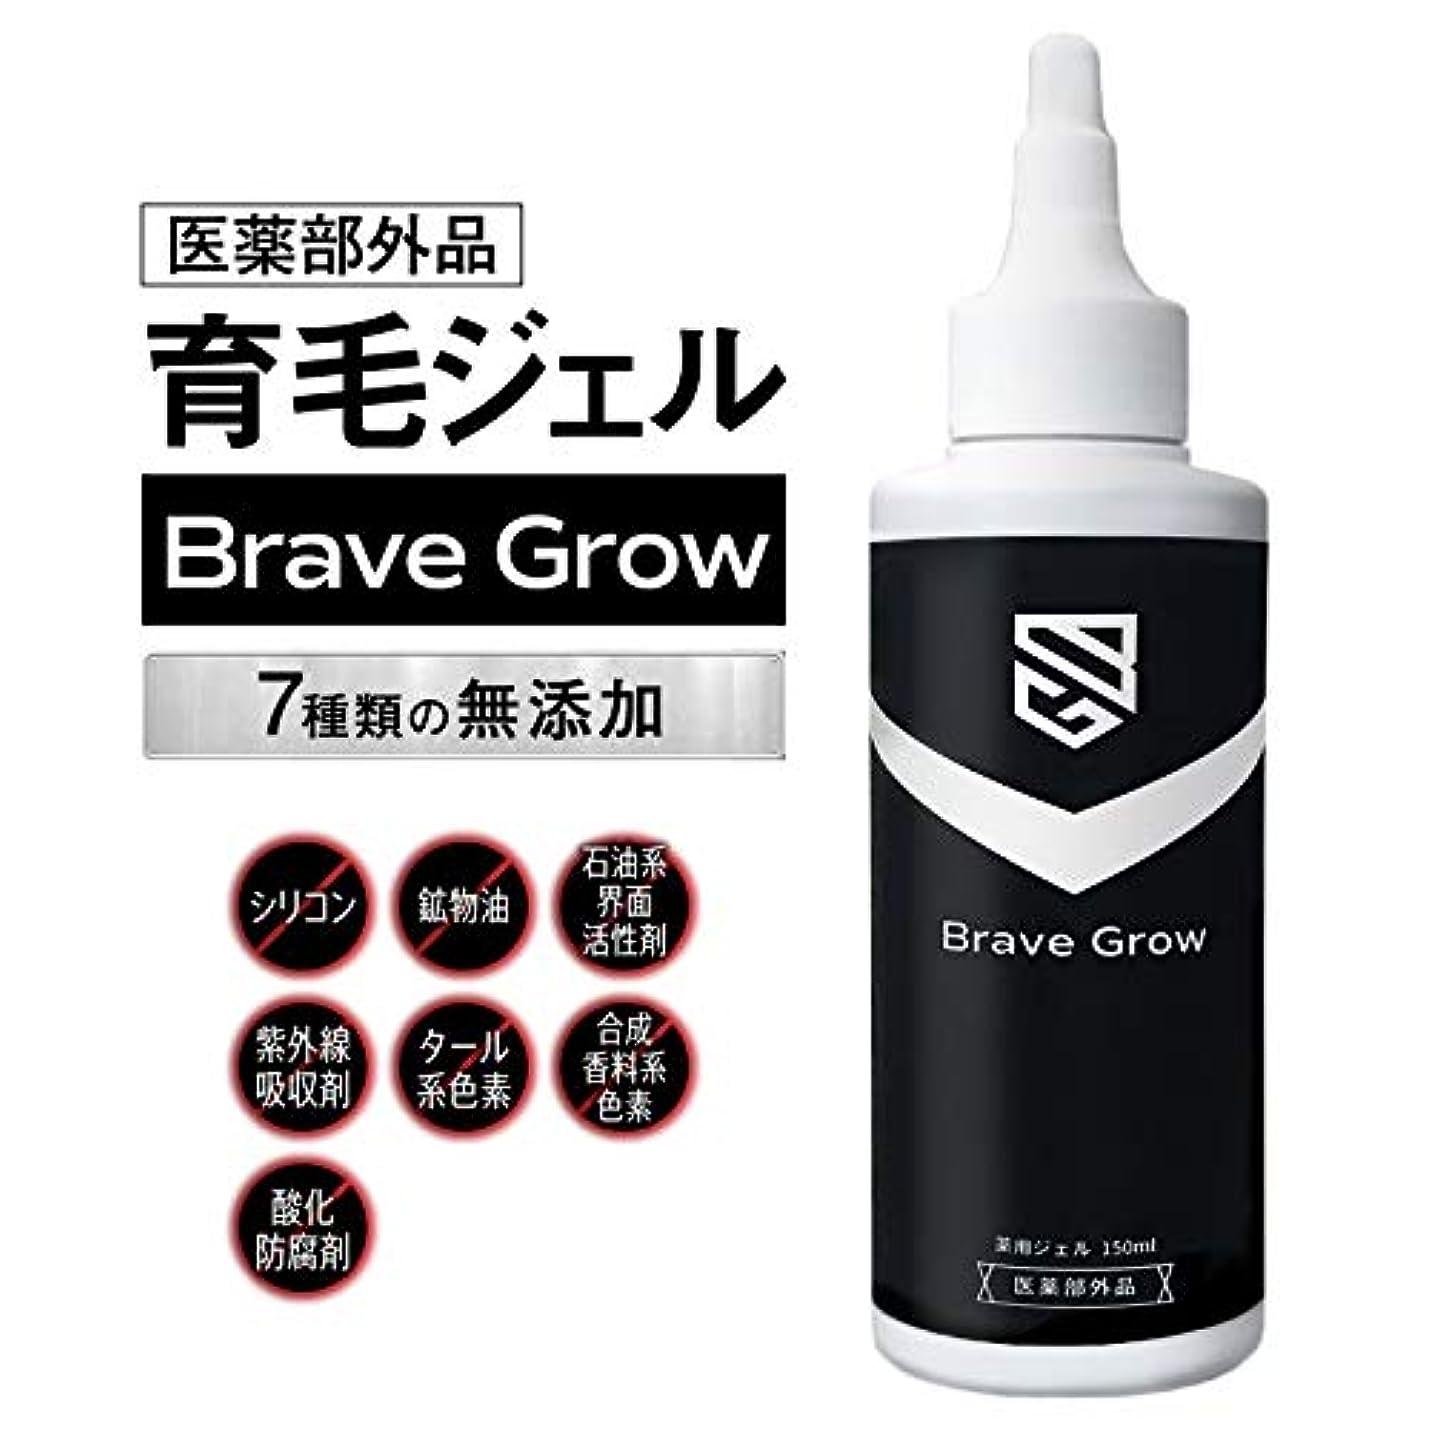 瞳お別れさまよう育毛剤 BraveGrow ブレイブグロー 150ml 【医薬部外品】ジェルタイプ 男性